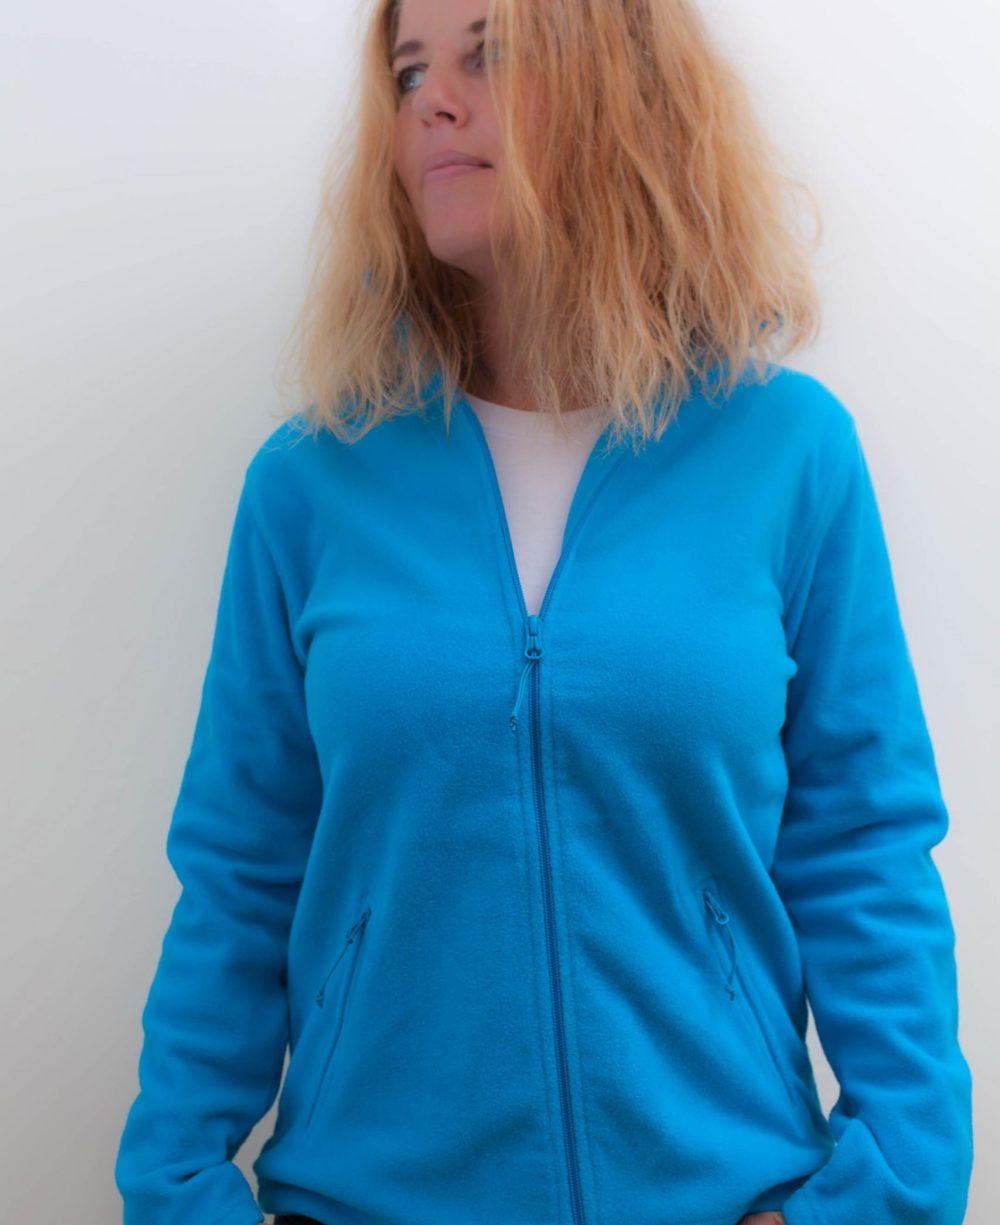 blau-damenfleece-jacke-für-dialysepatienten-mit-individuellem-reißverschluss-diazipp-dialysebekleidung